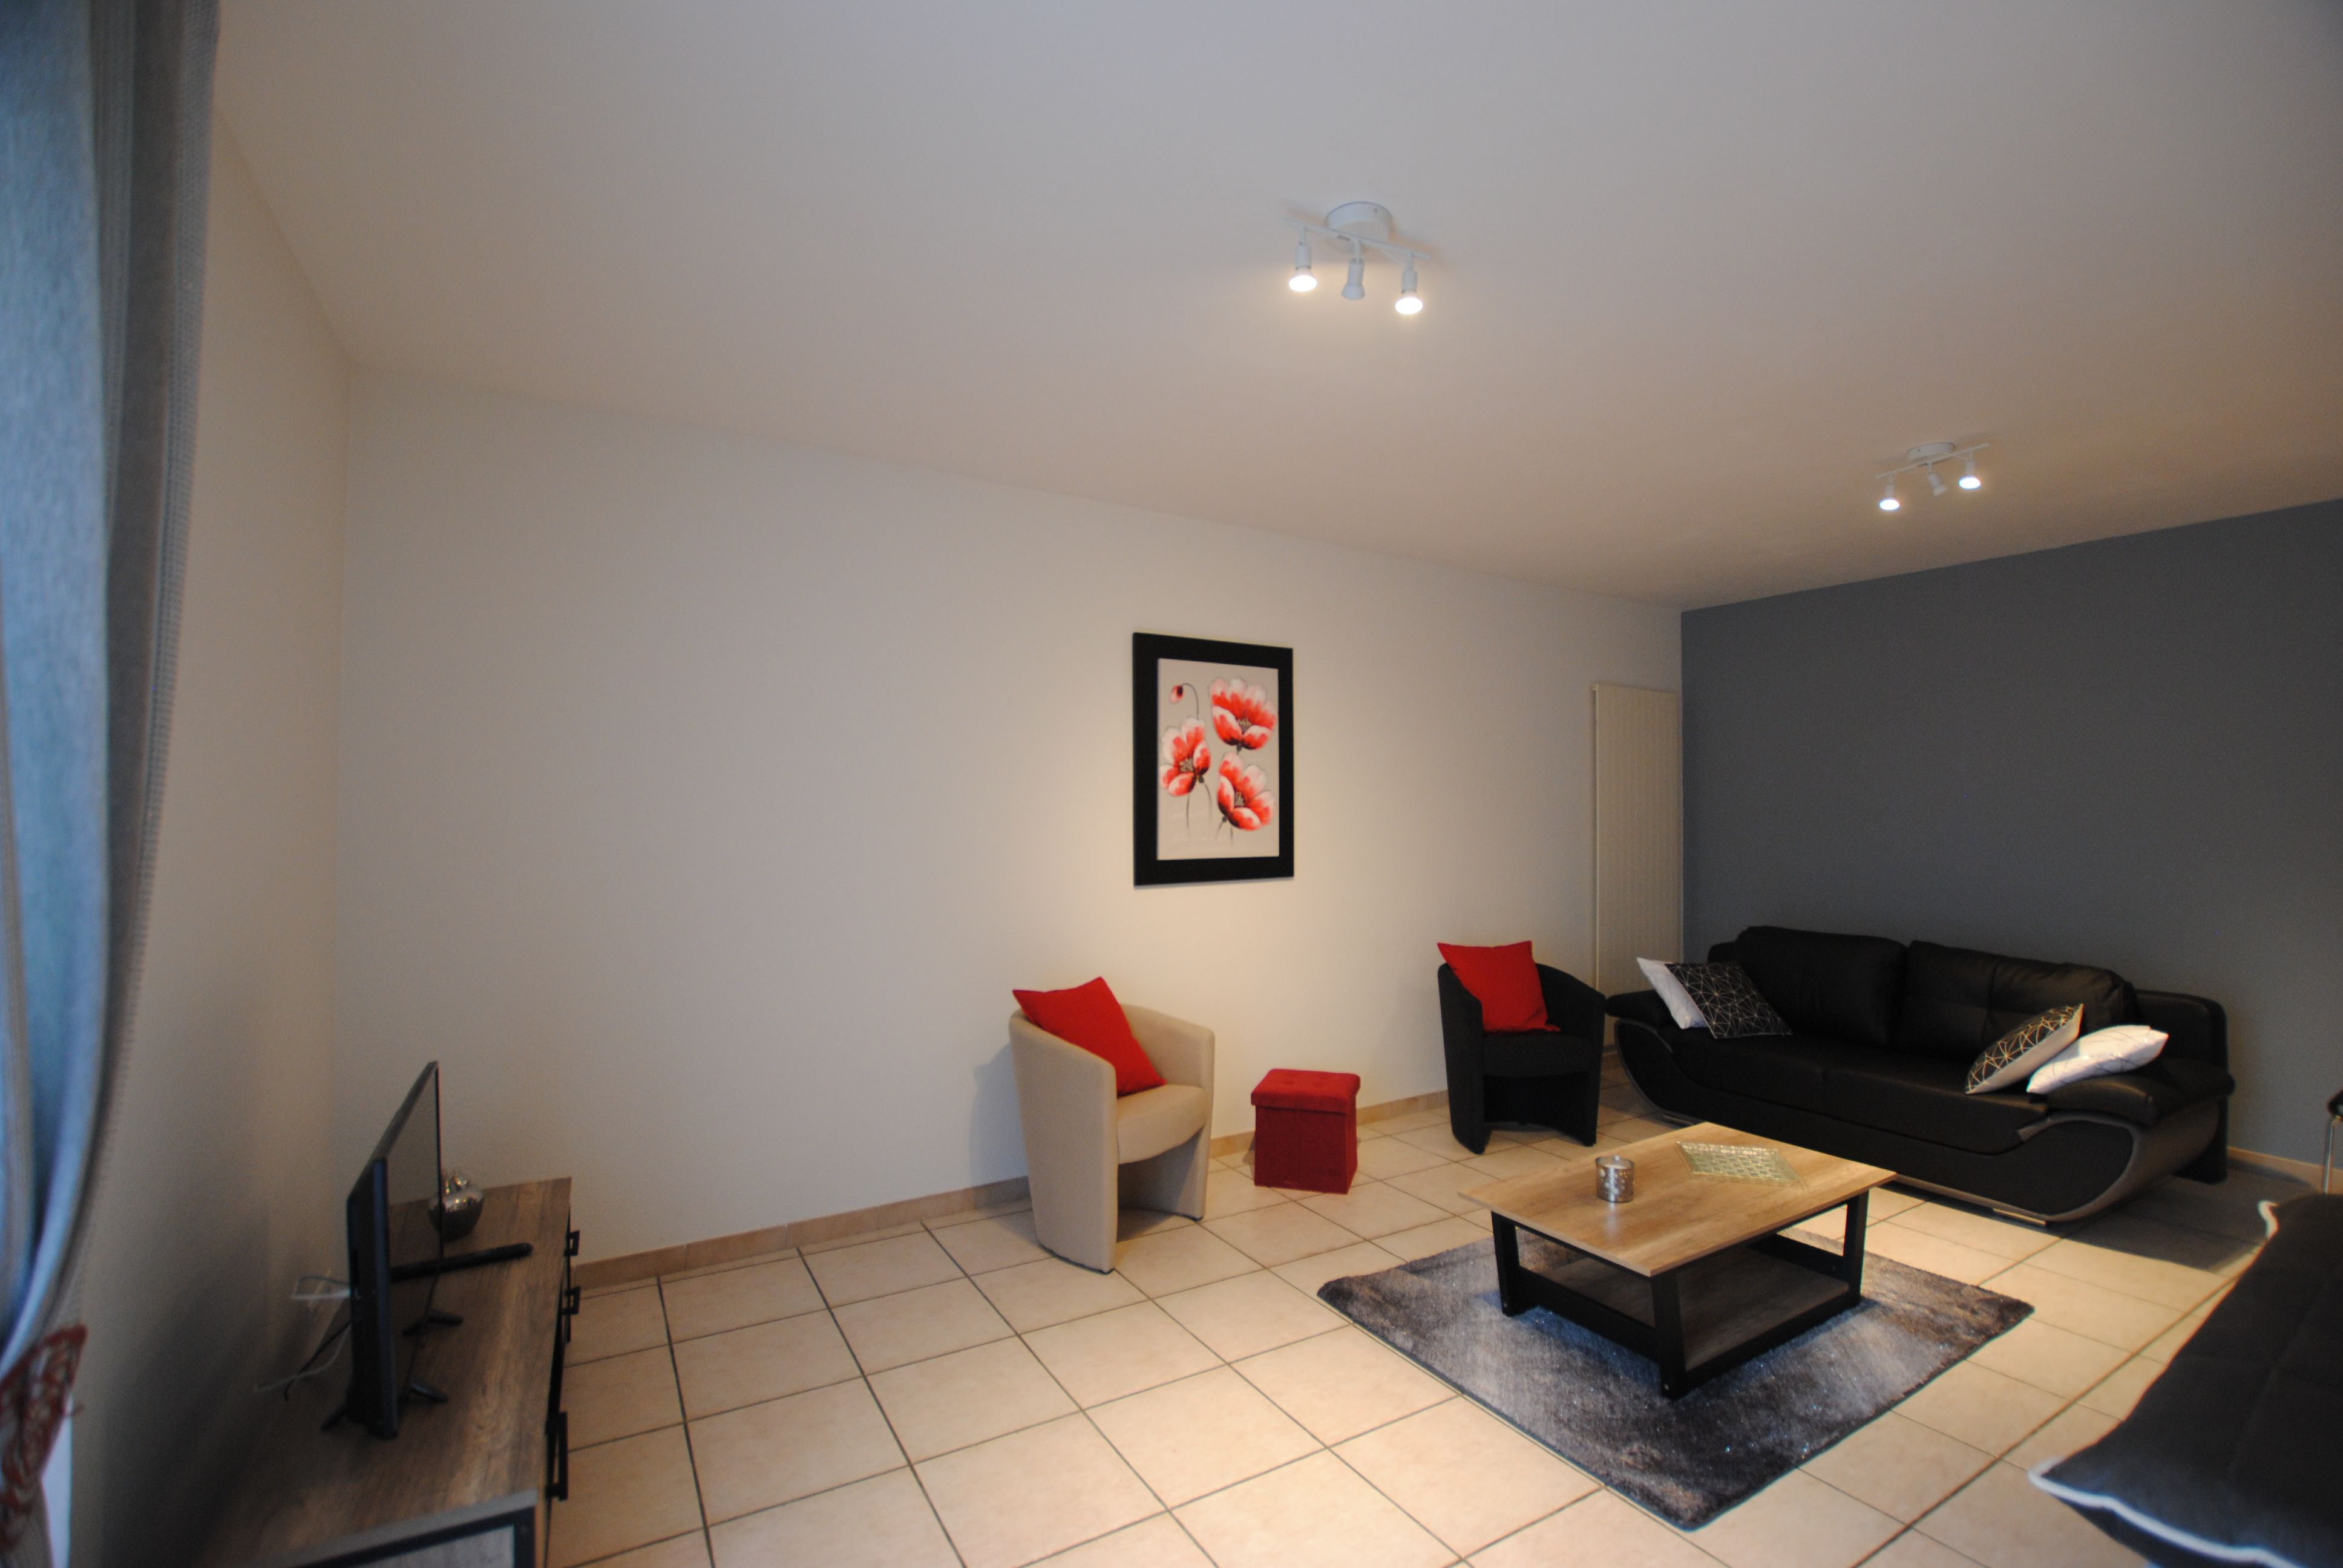 Salon très spacieux 51G485 - Chez Bri-Gîte - Loisy sur Marne - Gîtes de France Marne